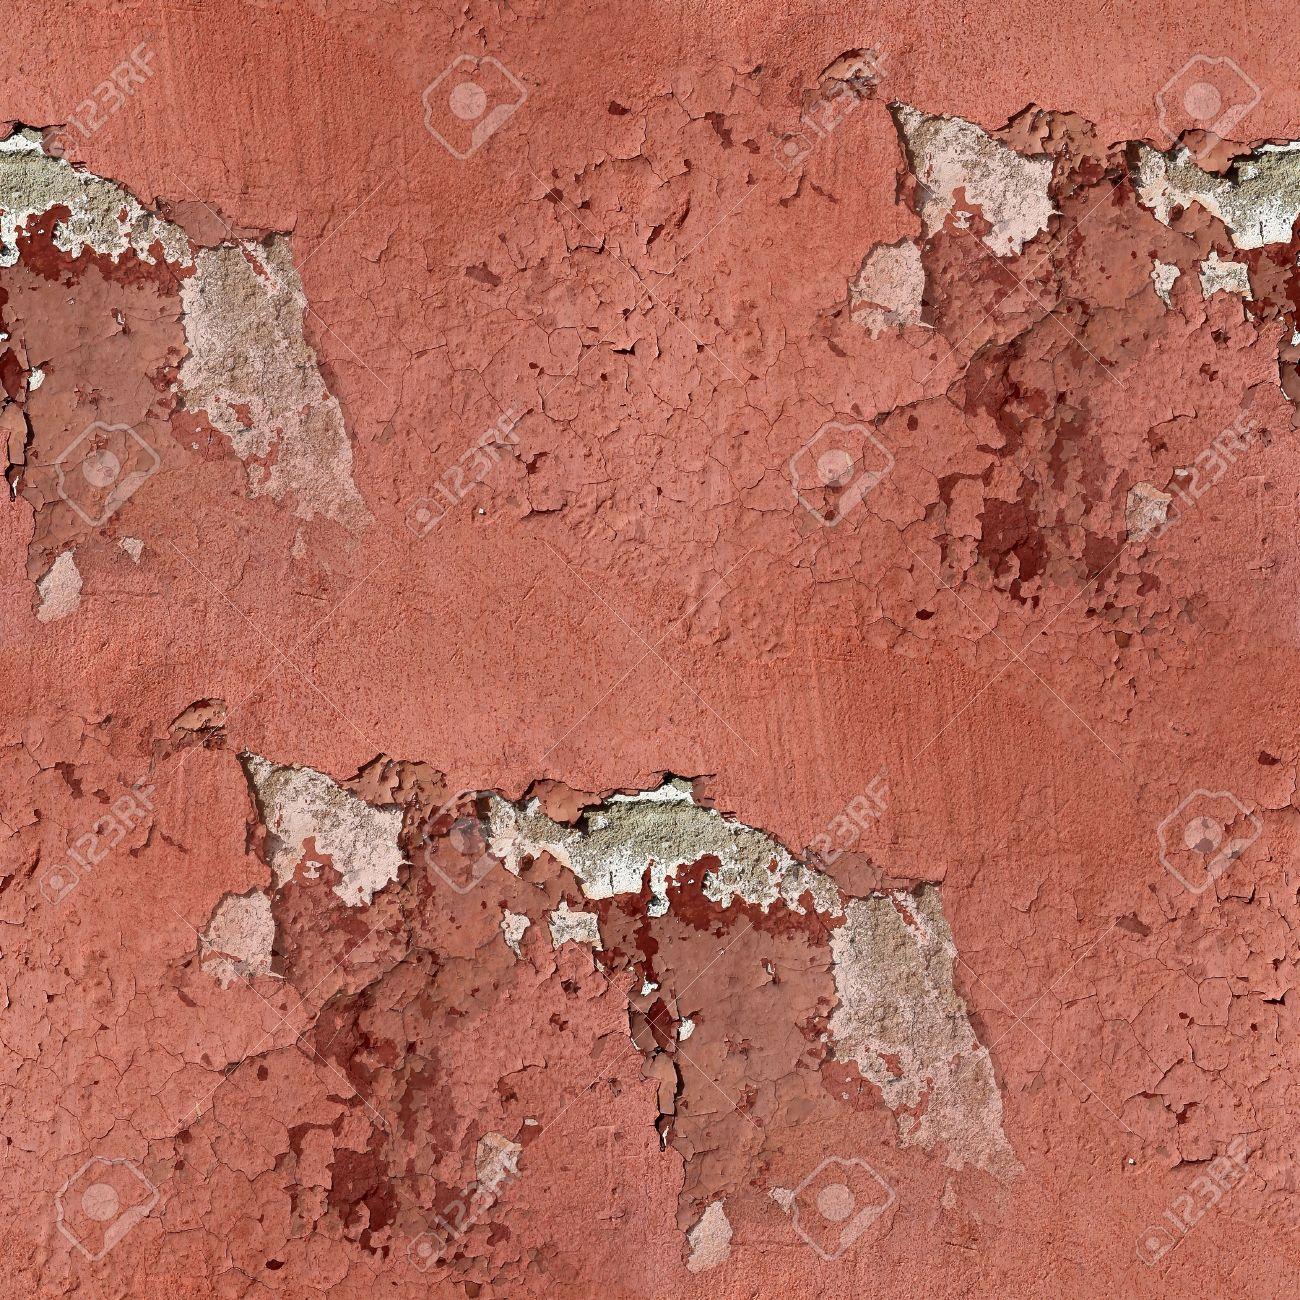 Rouge Mur De Plâtre Se Fissure Peinture Papier Peint Sans Soudure